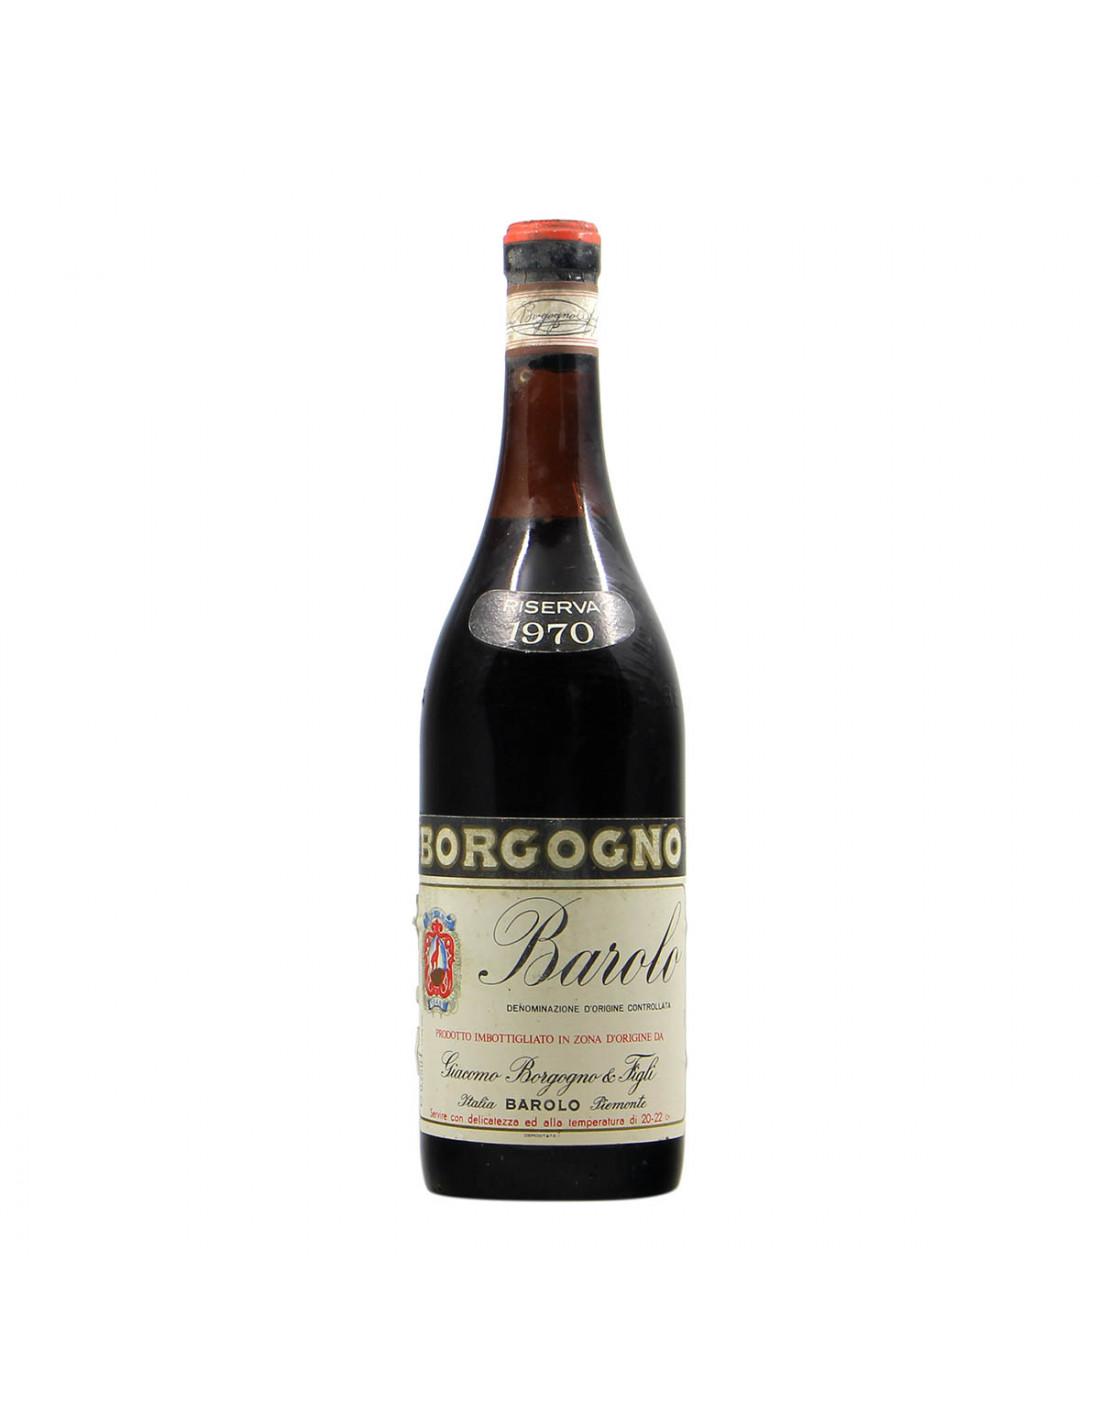 Borgogno Barolo Riserva 1970 Grandi Bottiglie